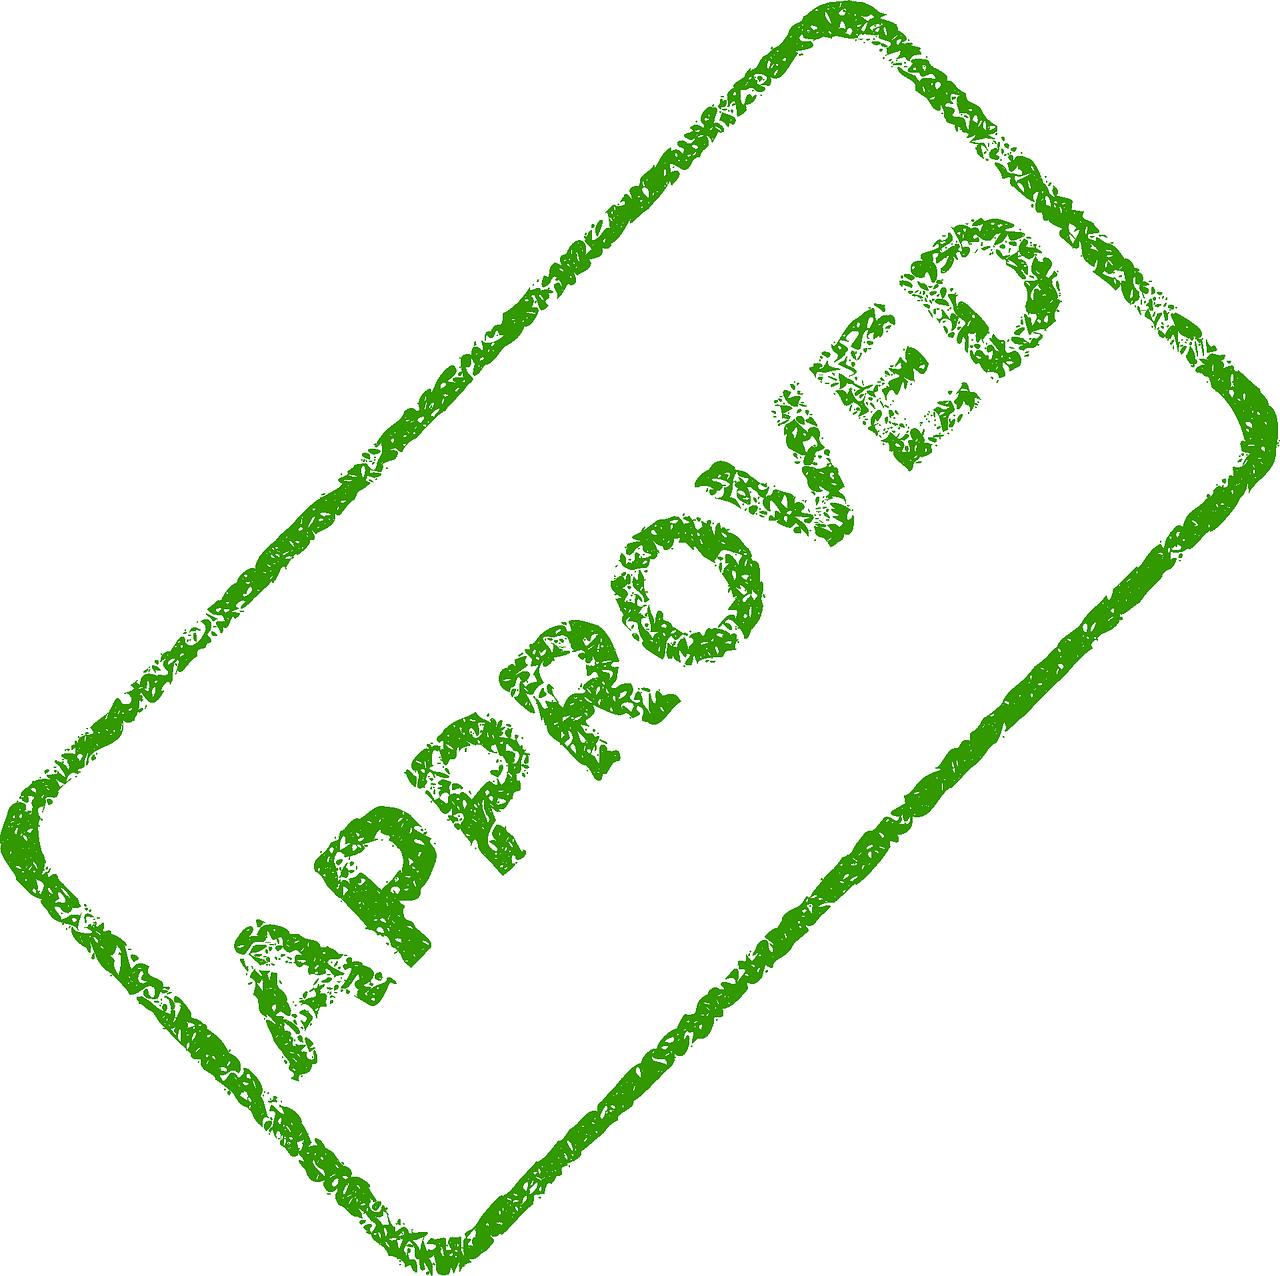 CyberArk behaalt internationale Common Criteria certificering voor privileged access beveiliging